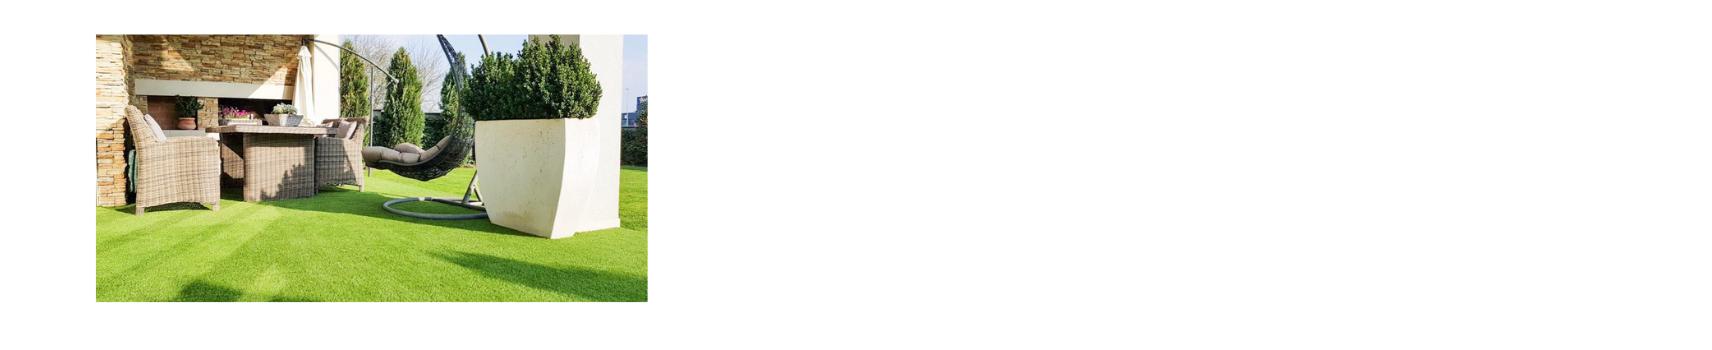 Umjetna trava - Interijer Marko